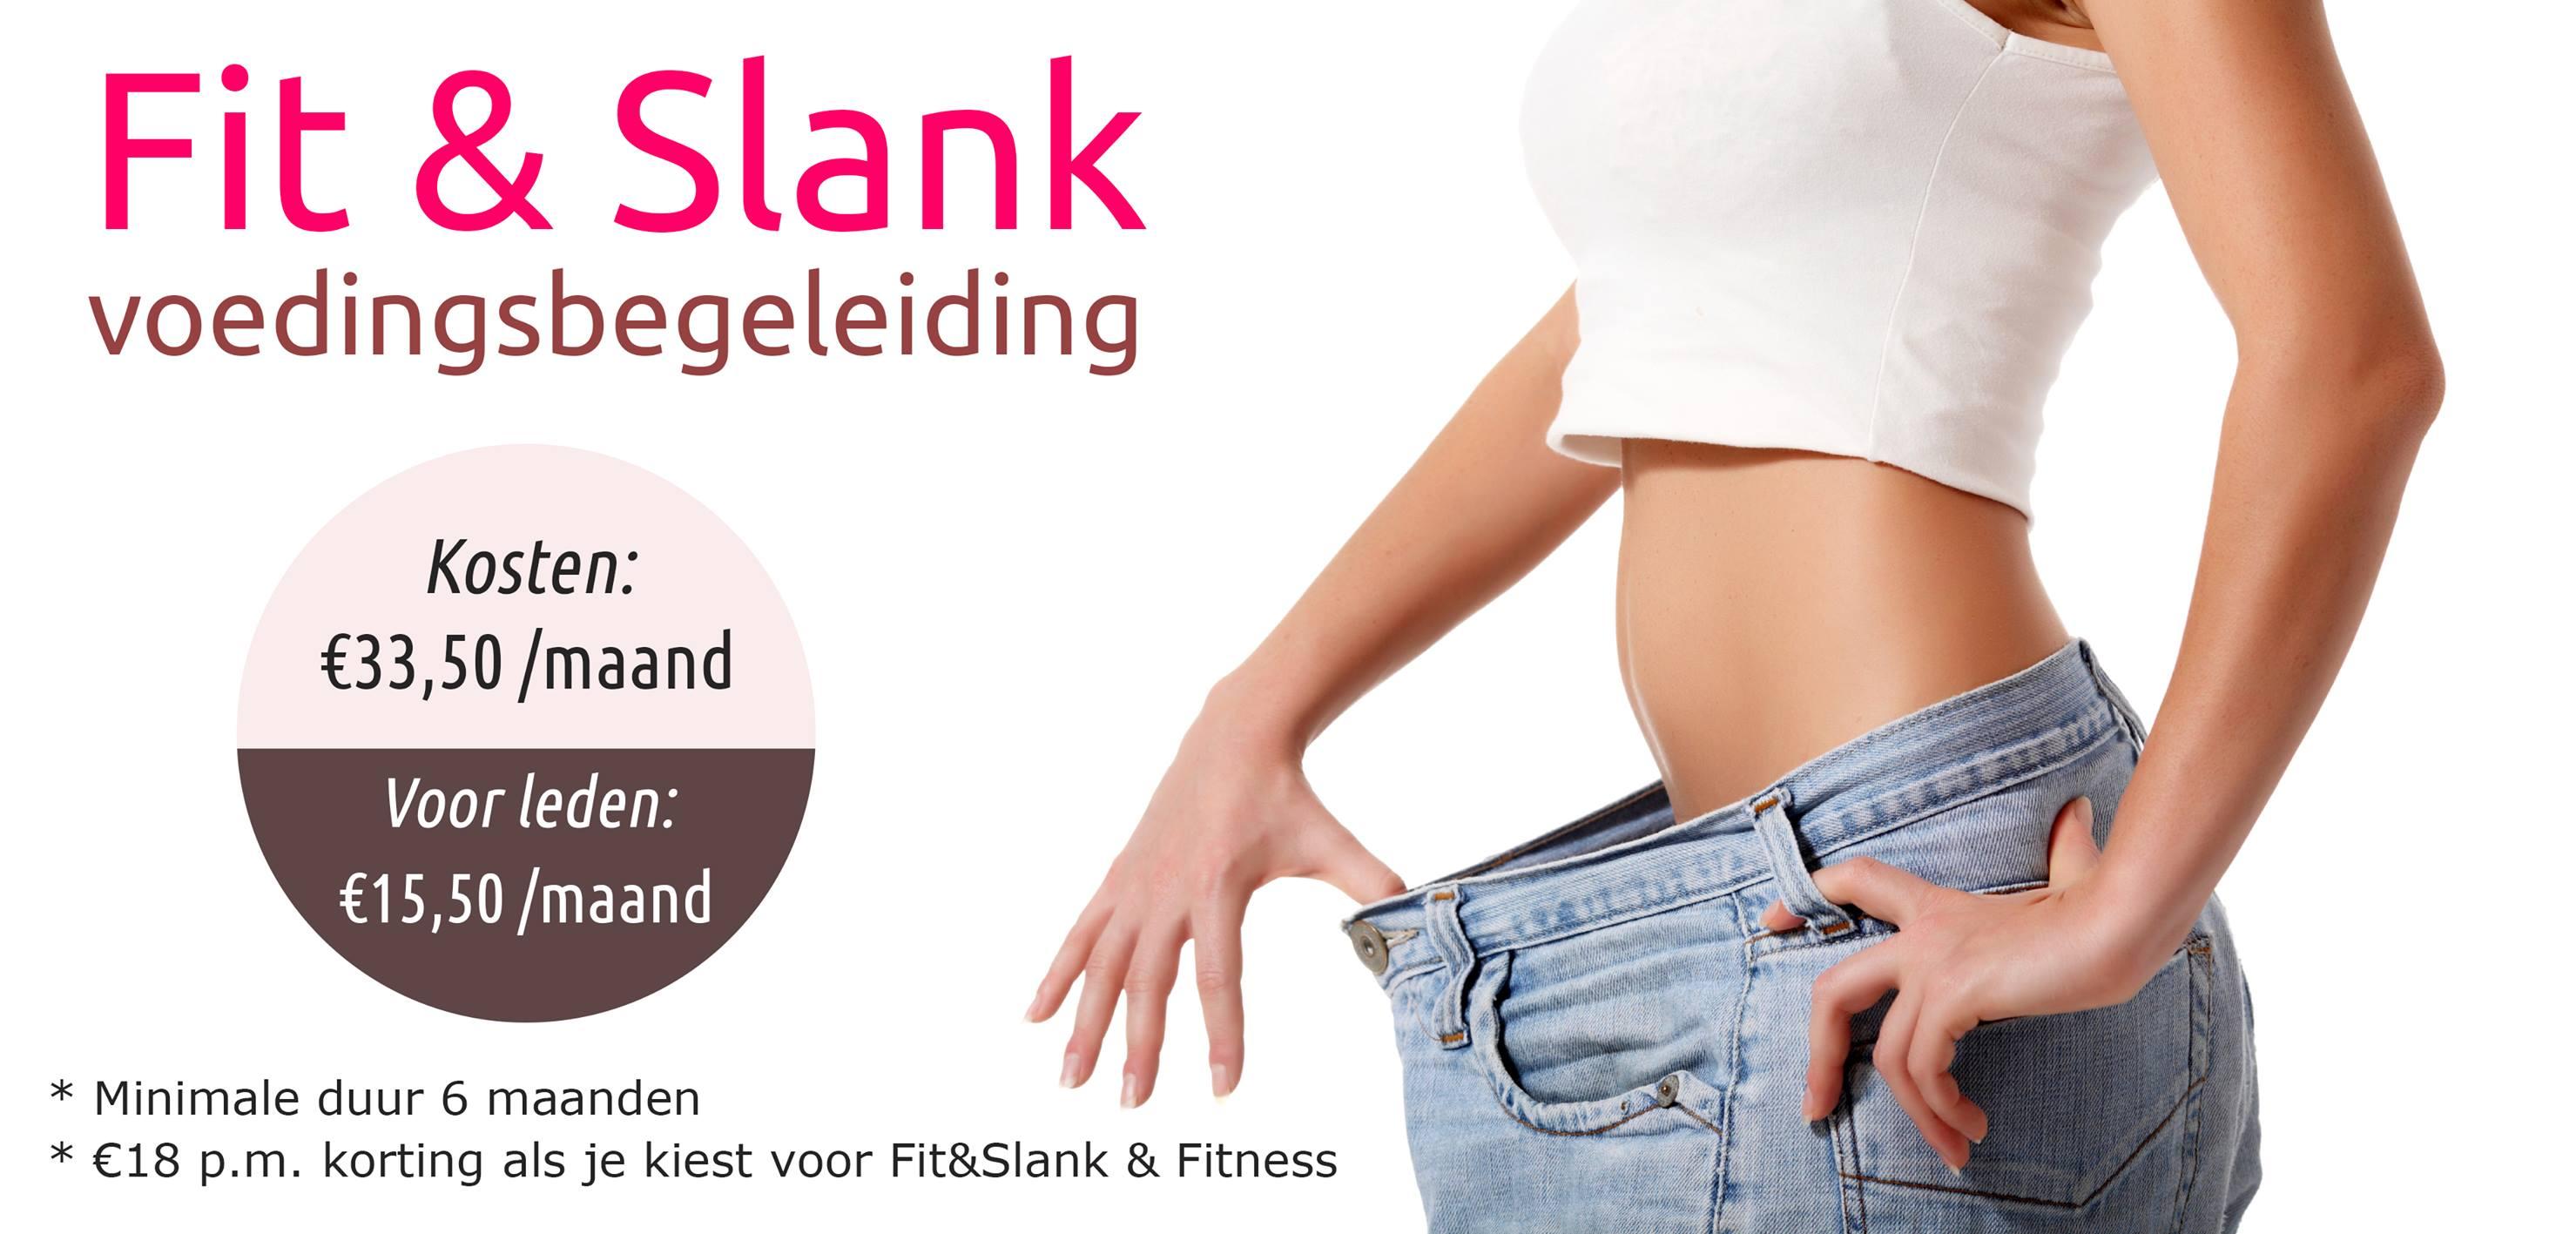 Fit&Slank voedingsbegeleiding